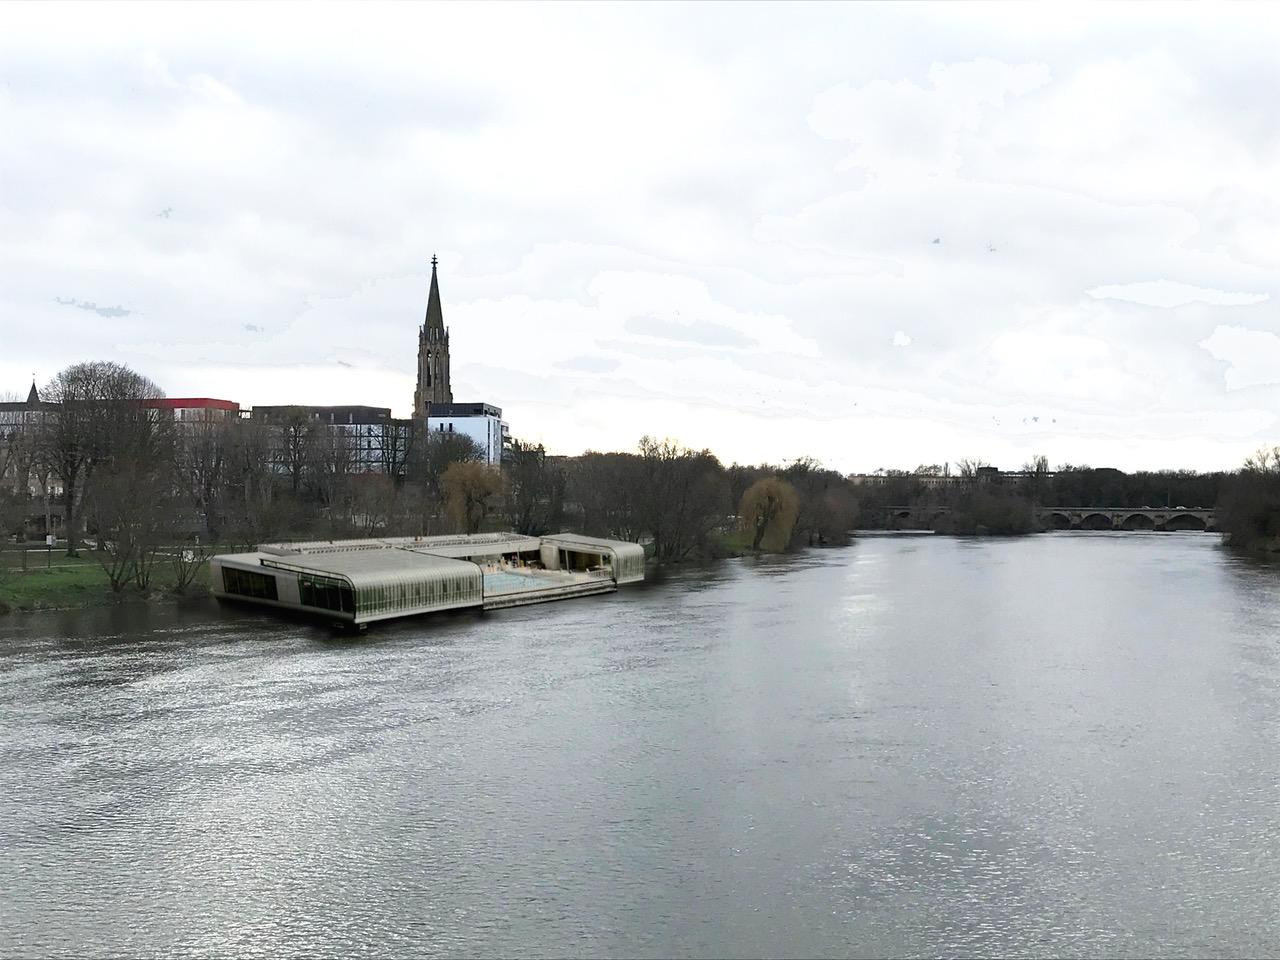 Municipales À Metz : Un Centre Aquatique Sur Les Berges De ... encequiconcerne Piscine Square Du Luxembourg